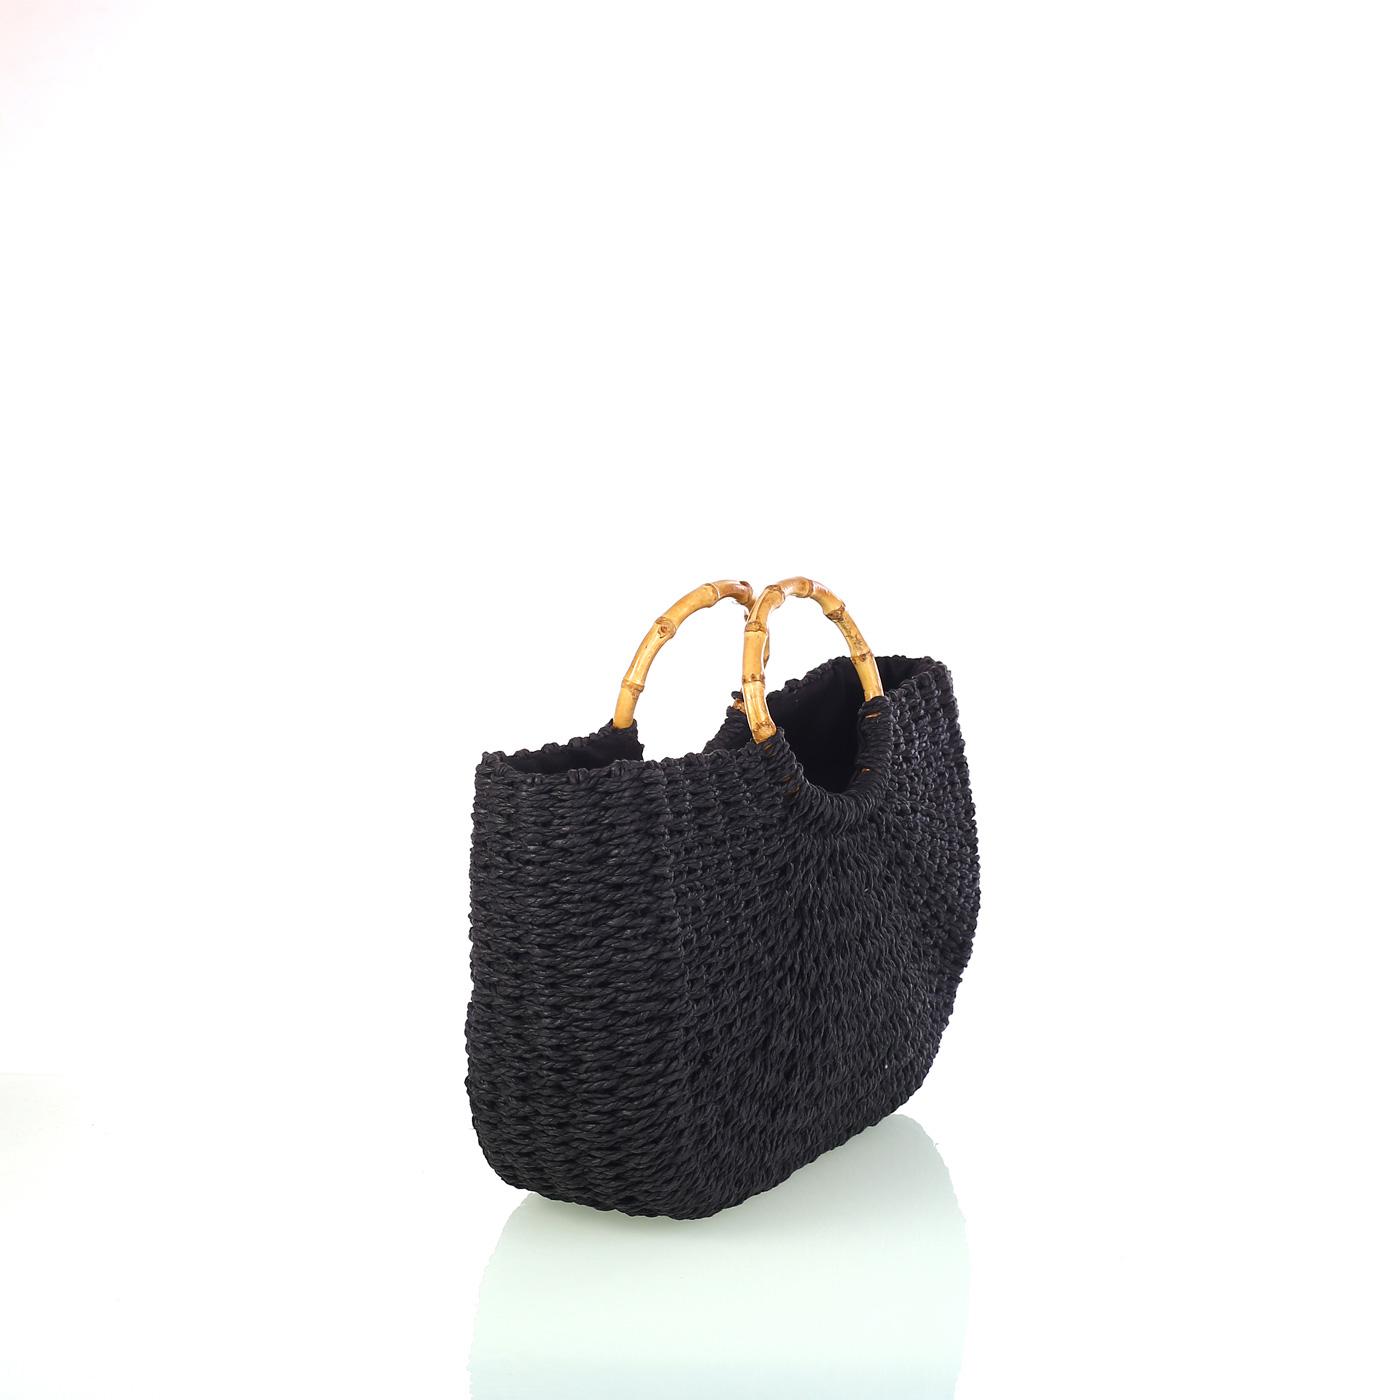 38babe1fb Dámska pletená taška zo syntetickej rafie Kbas čierna 318814N | Kbas